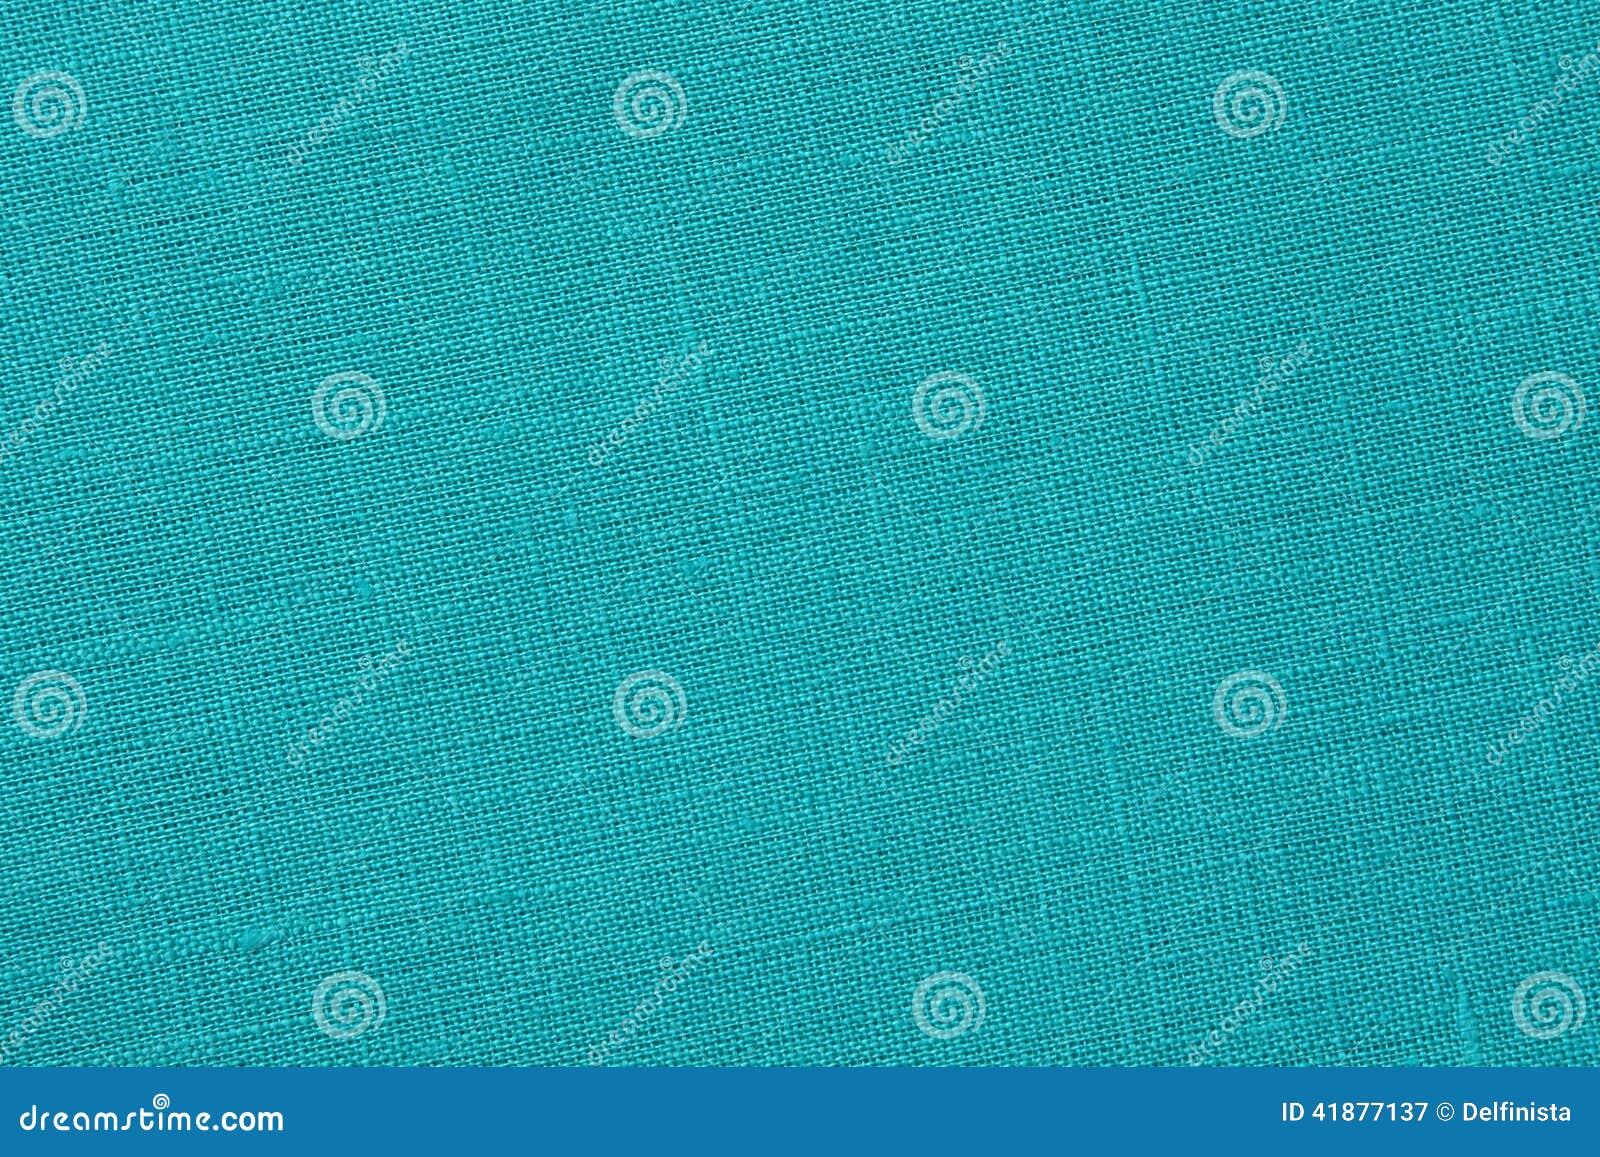 Τυρκουάζ backround - καμβάς λινού - φωτογραφία αποθεμάτων